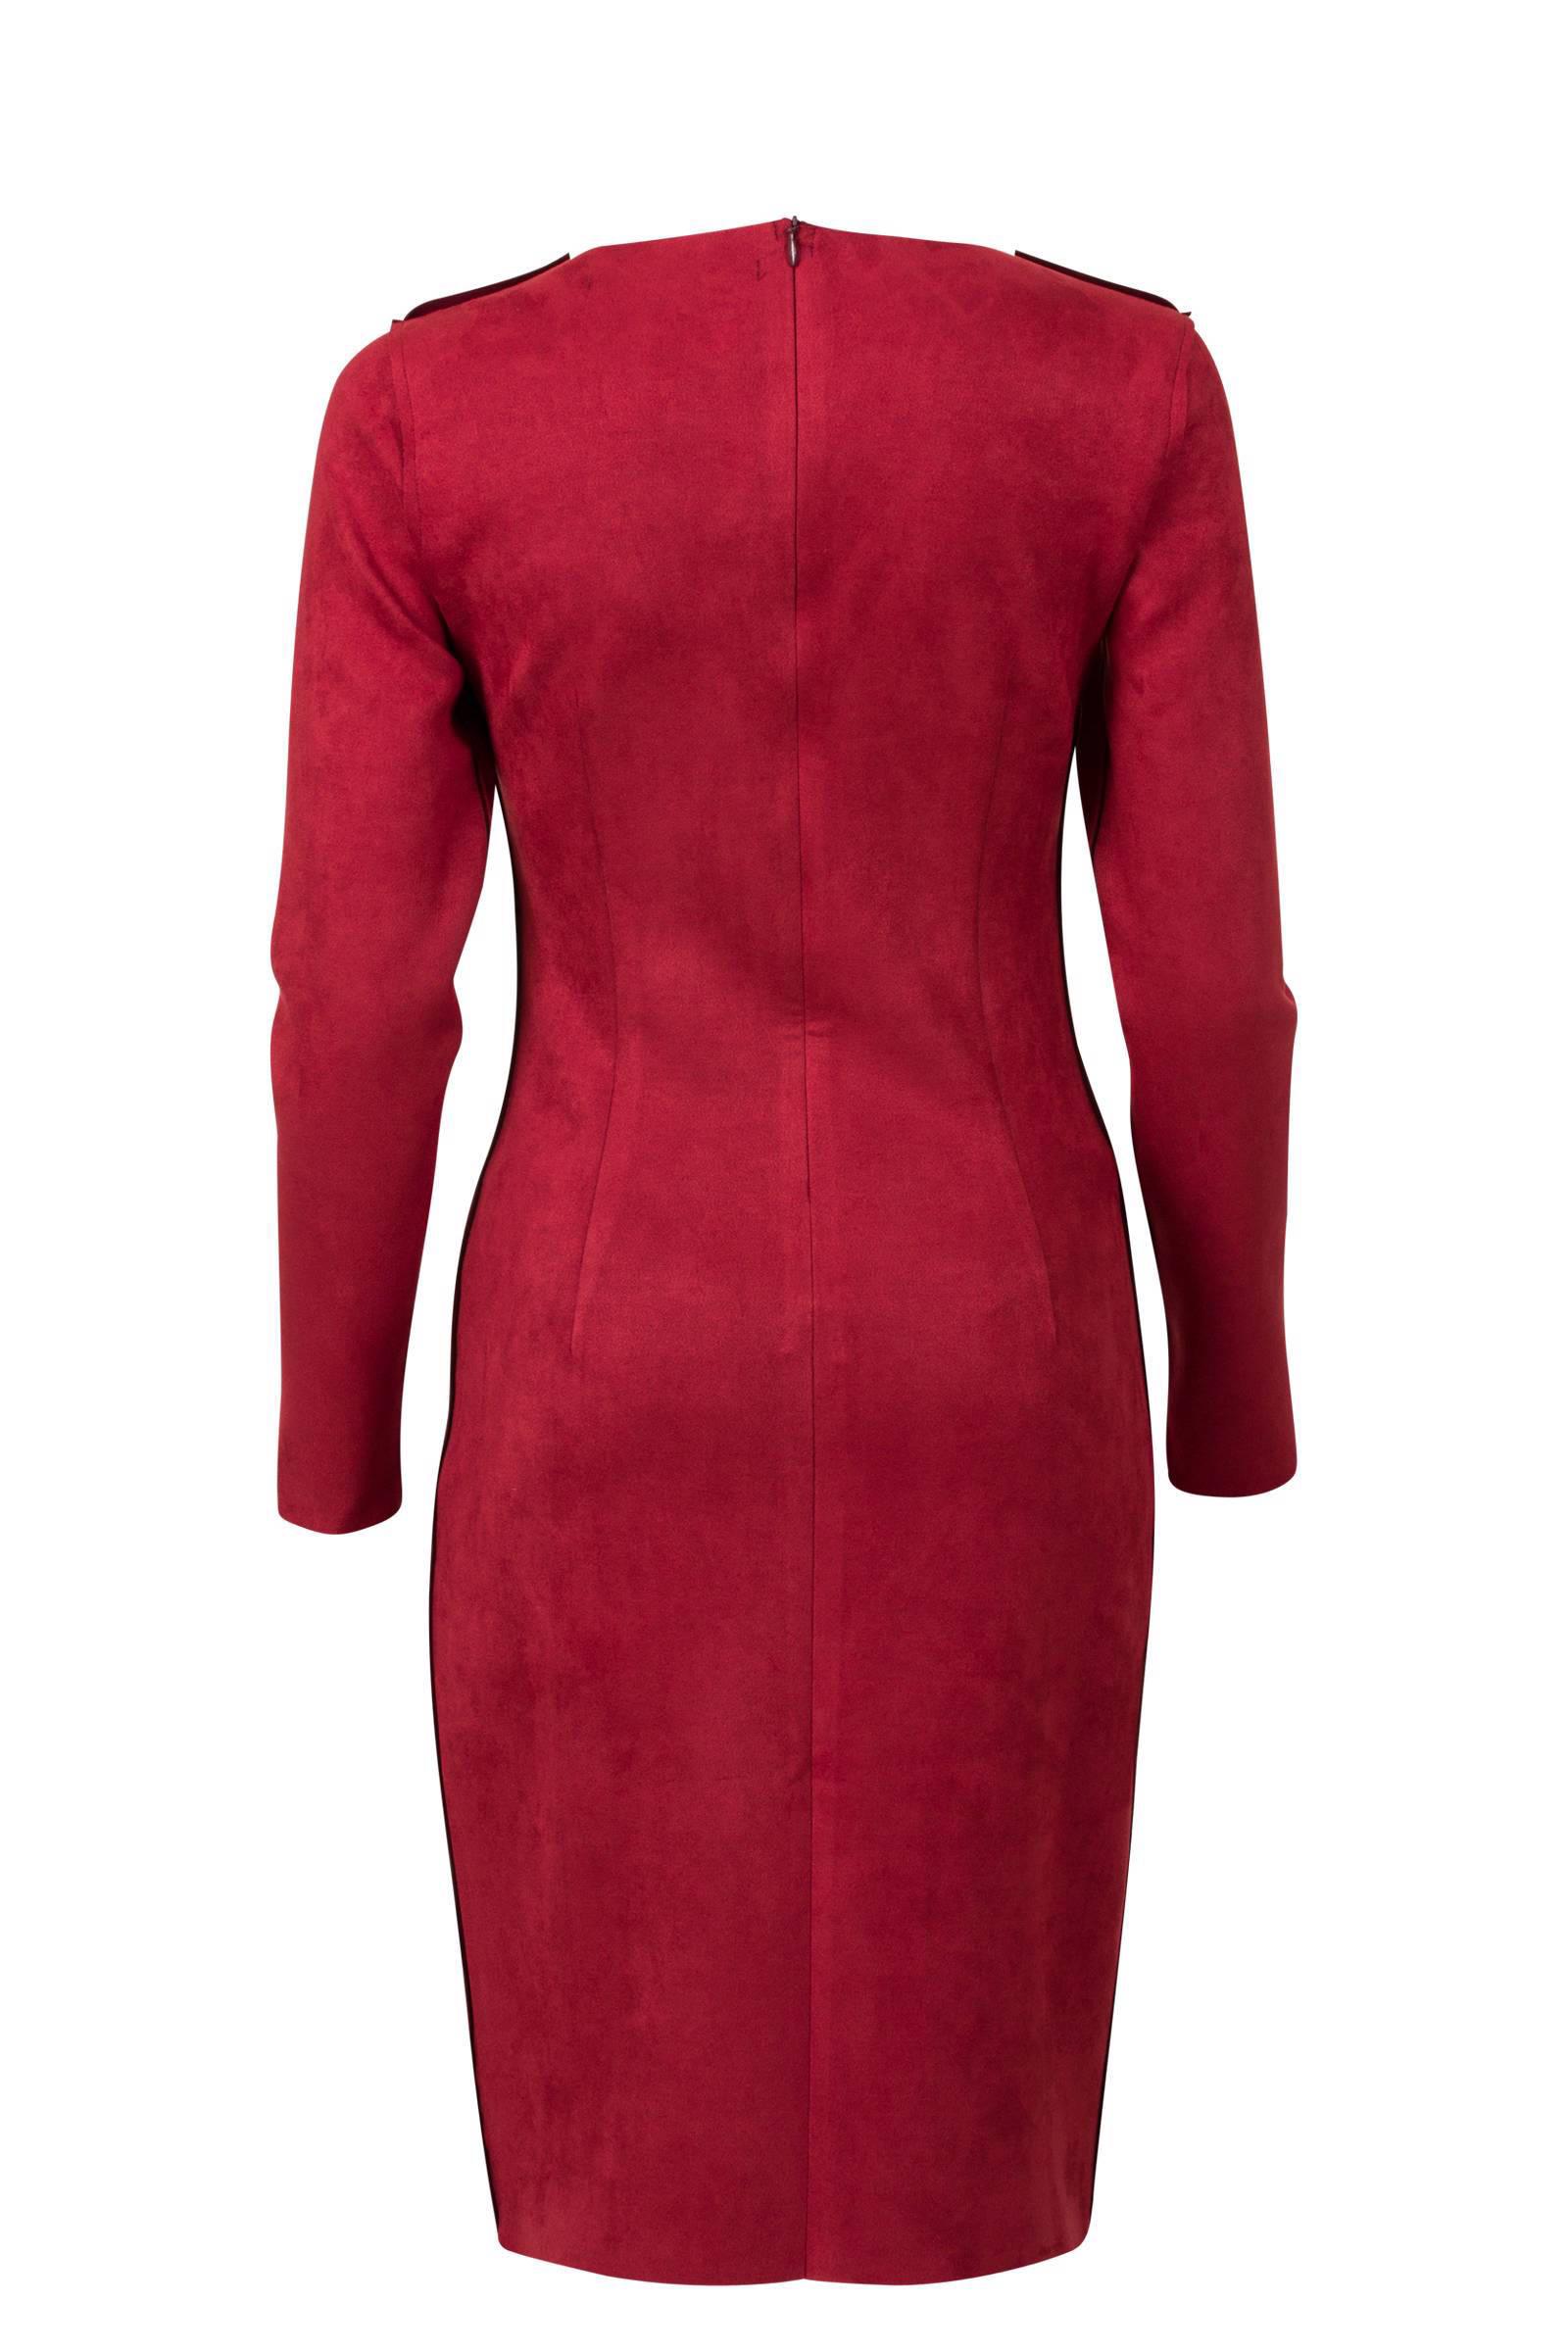 rode suede jurk